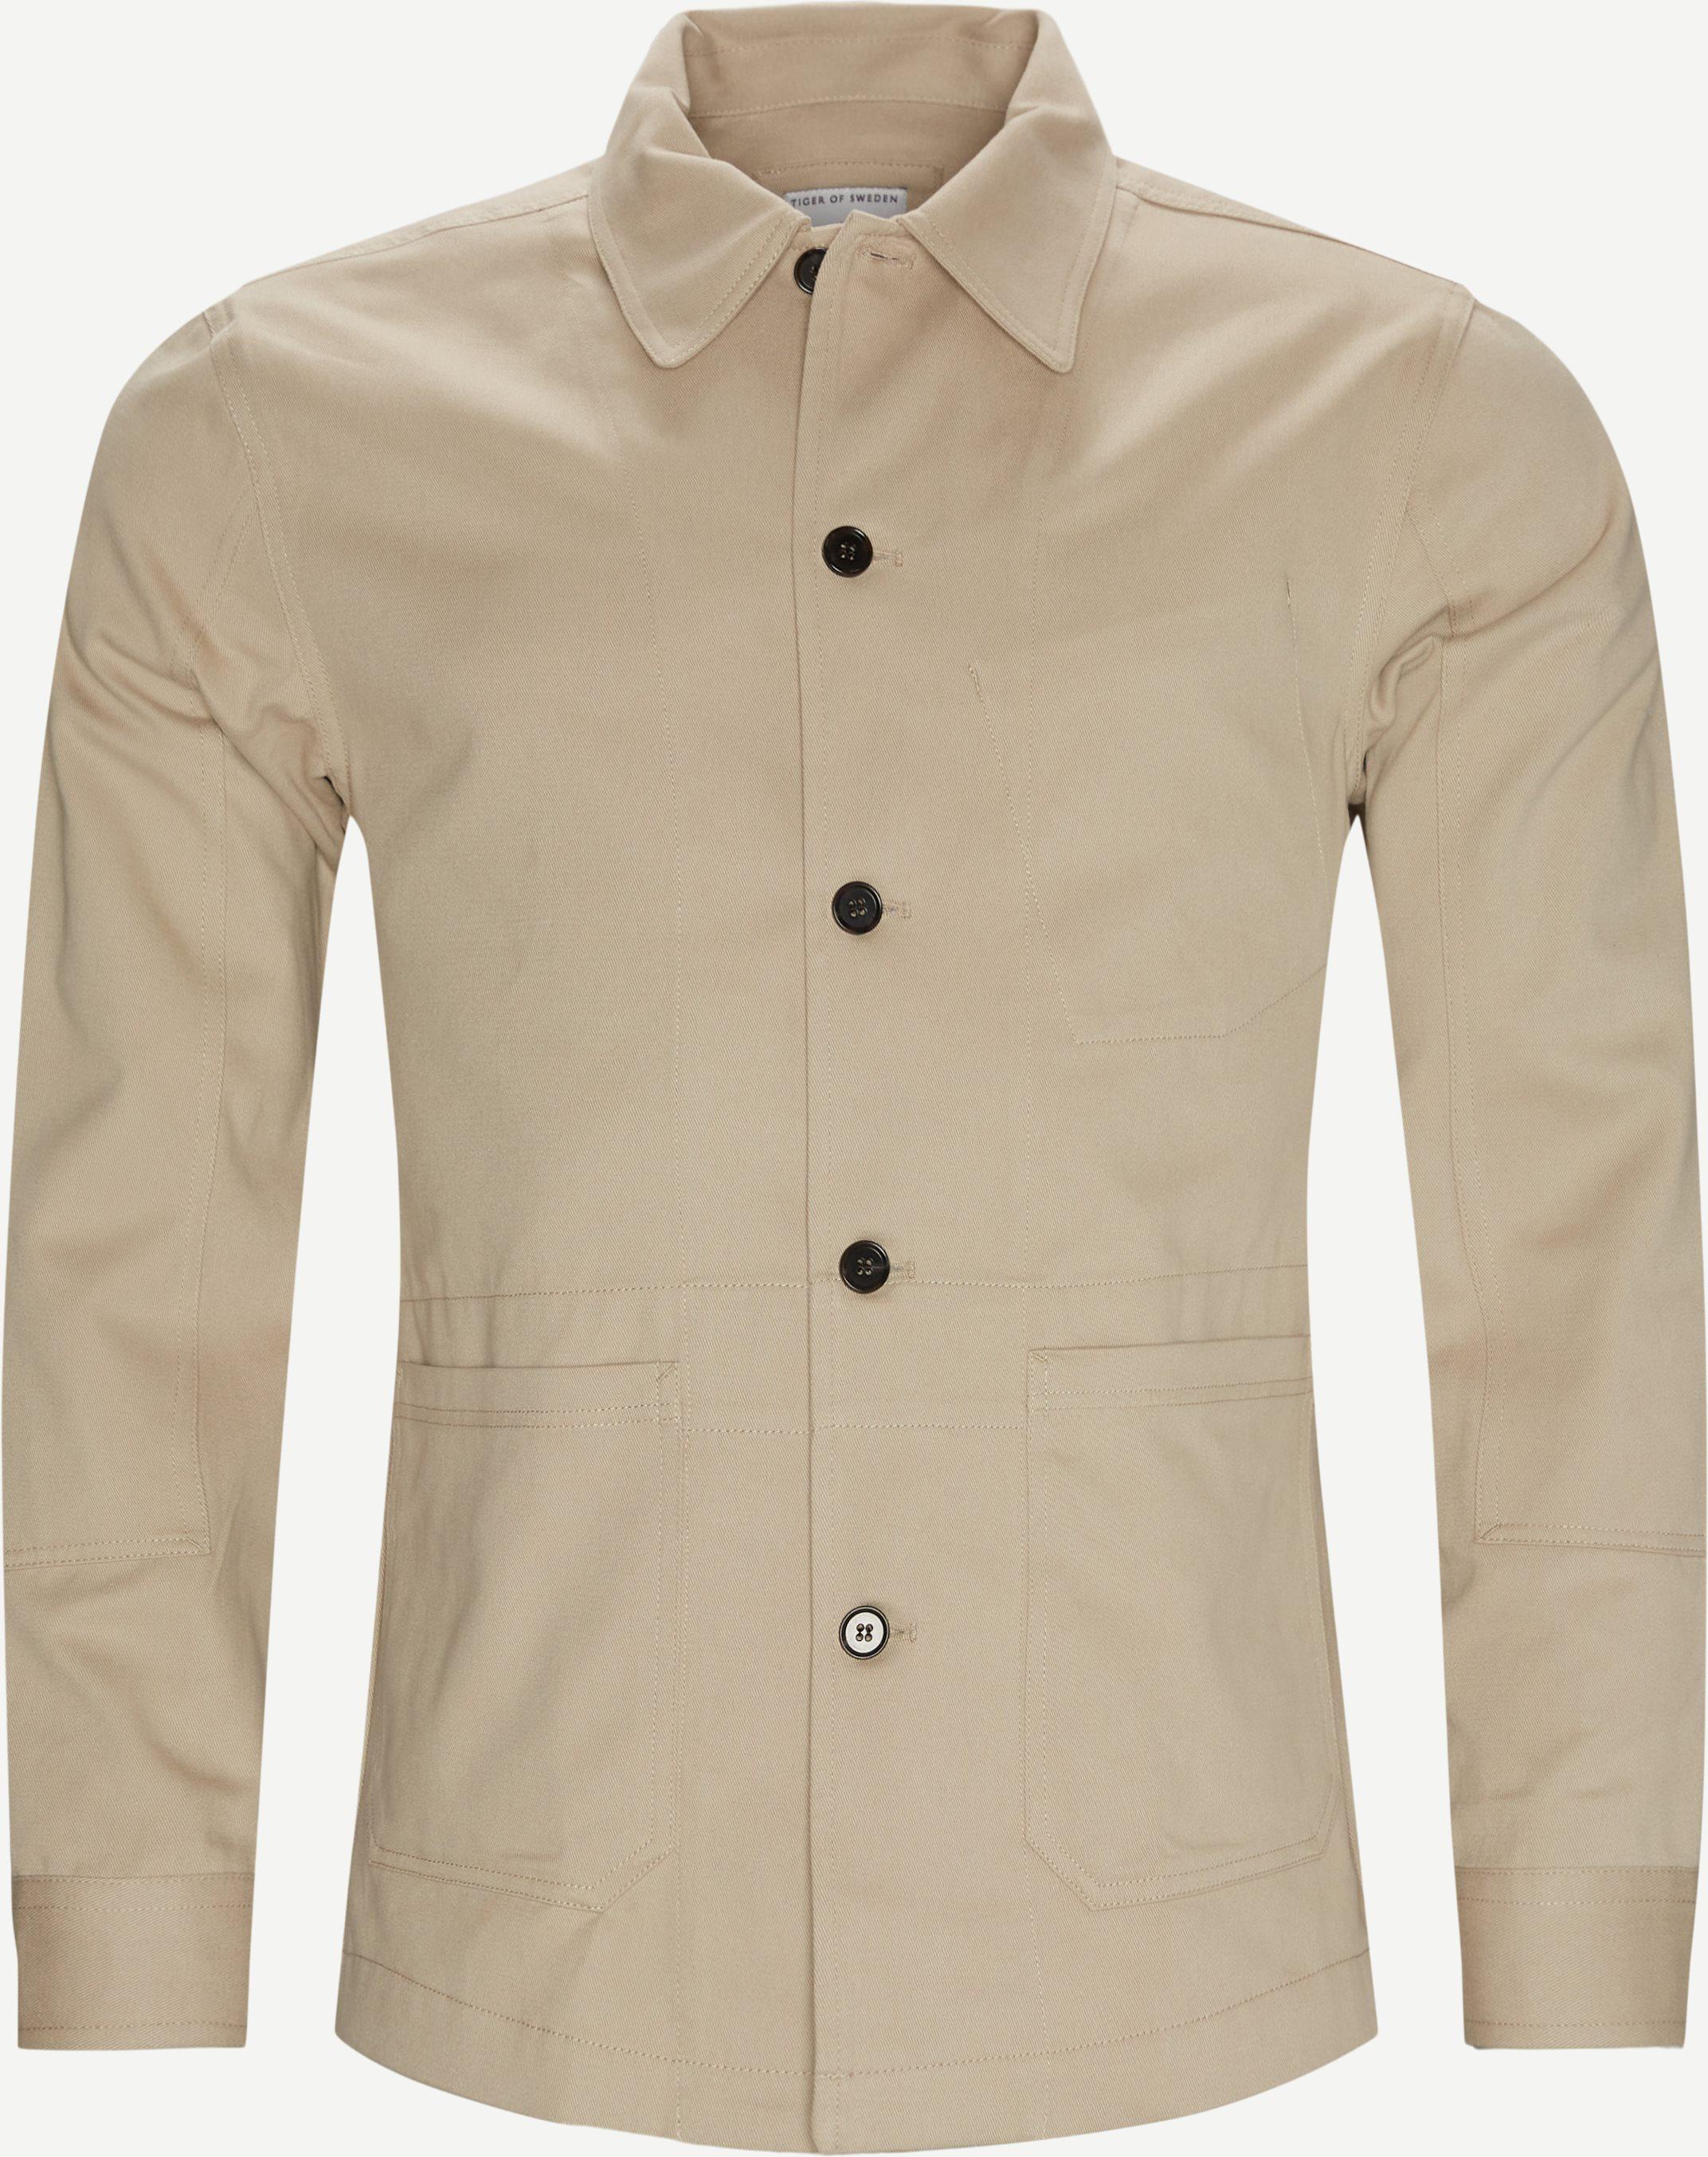 70133 Adur Overshirt - Overshirts - Regular fit - Sand